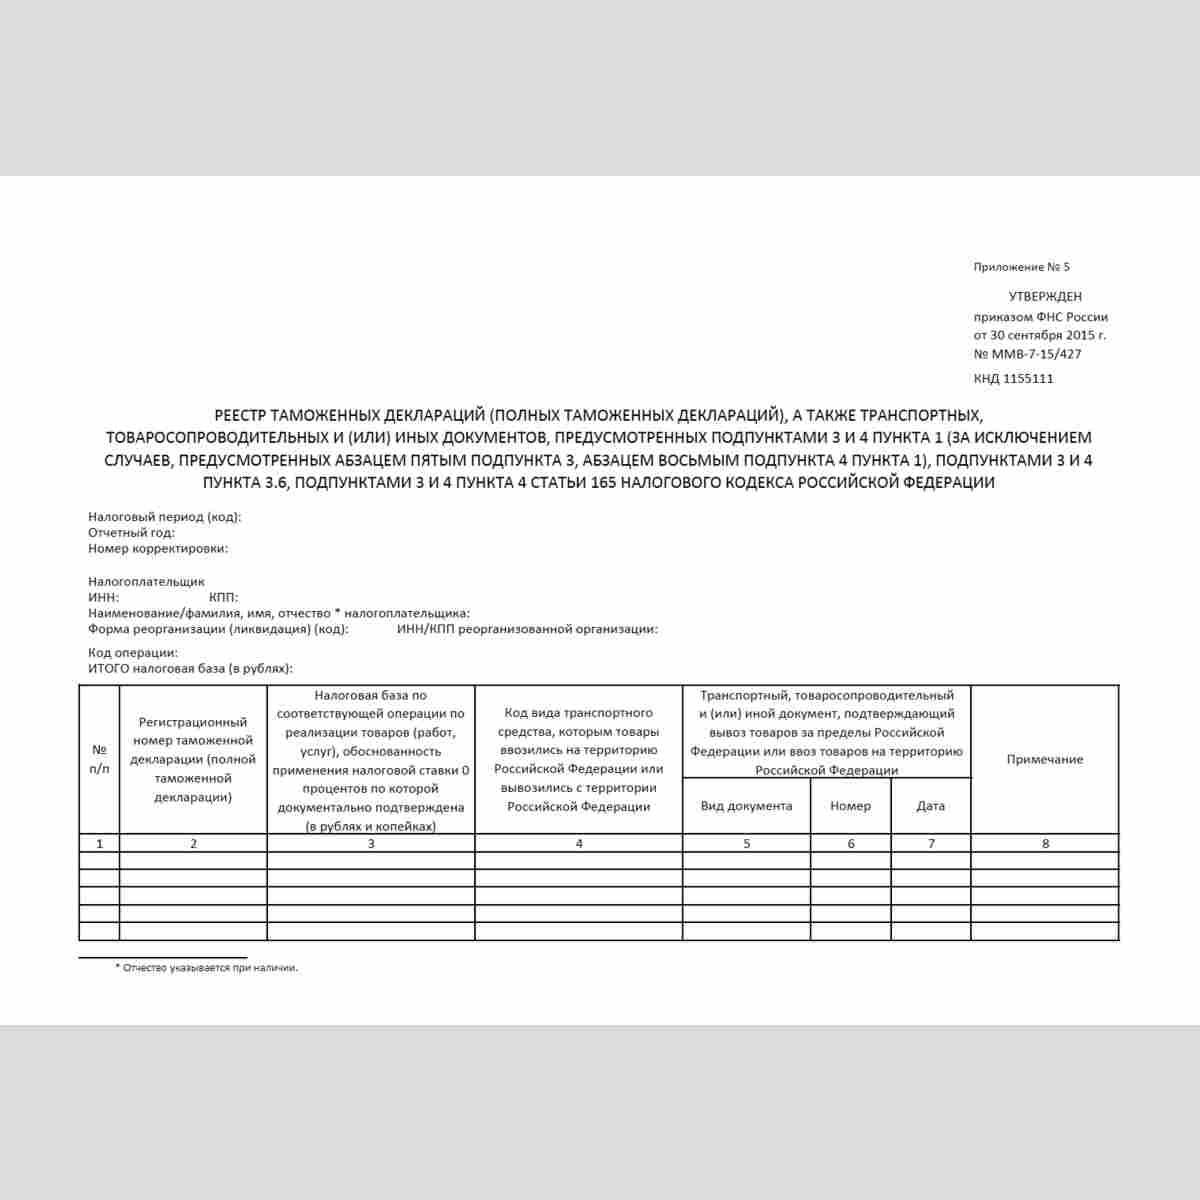 """Форма КНД 1155111 """"Реестр таможенных деклараций (полных таможенных деклараций), а также транспортных, товаросопроводительных и (или) иных документов, предусмотренных подпунктами 3 и 4 пункта 1 (за исключением случаев, предусмотренных абзацем пятым подпунк"""